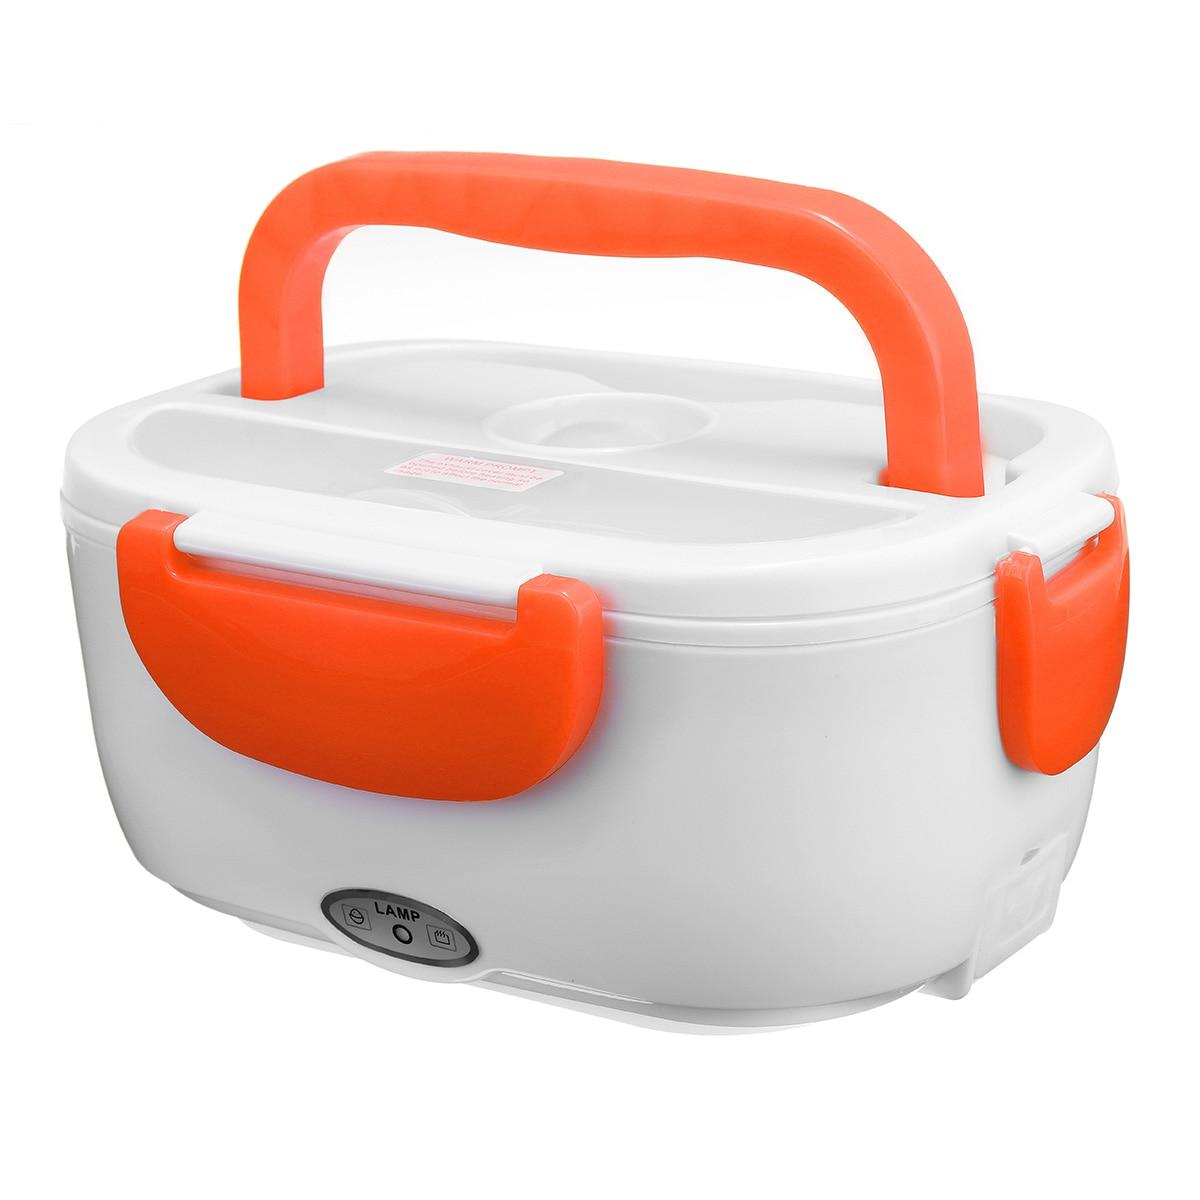 12/110/220 в портативный Электрический подогреваемый Ланч-бокс Bento коробки для автомобиля еда рисовый контейнер теплее для школы офиса домашняя...